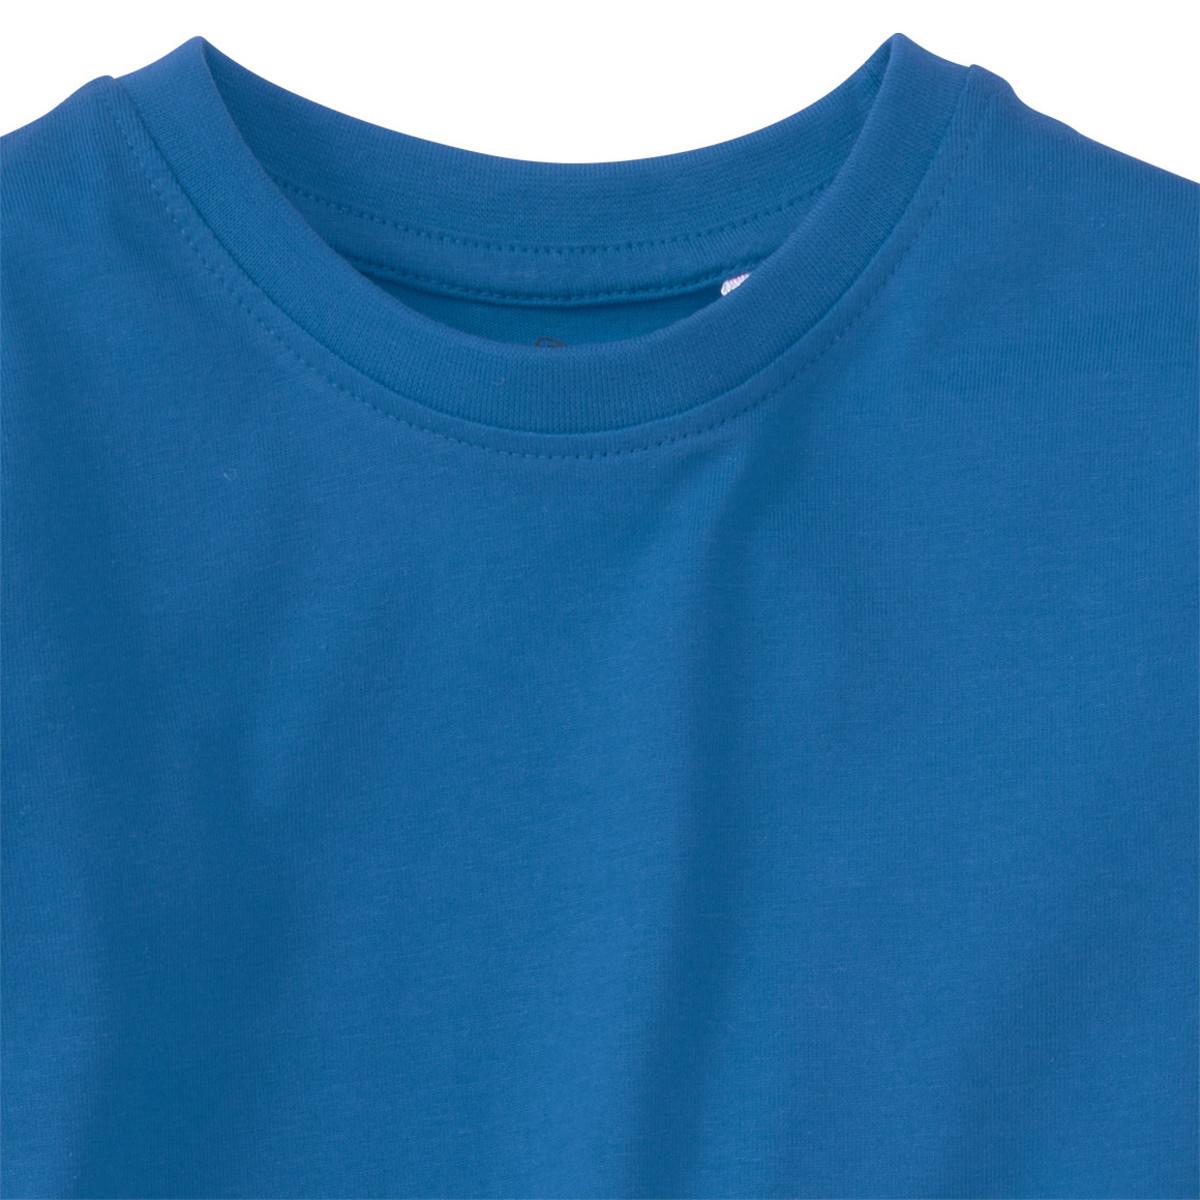 Bild 2 von Jungen Langarmshirt im Basic-Look